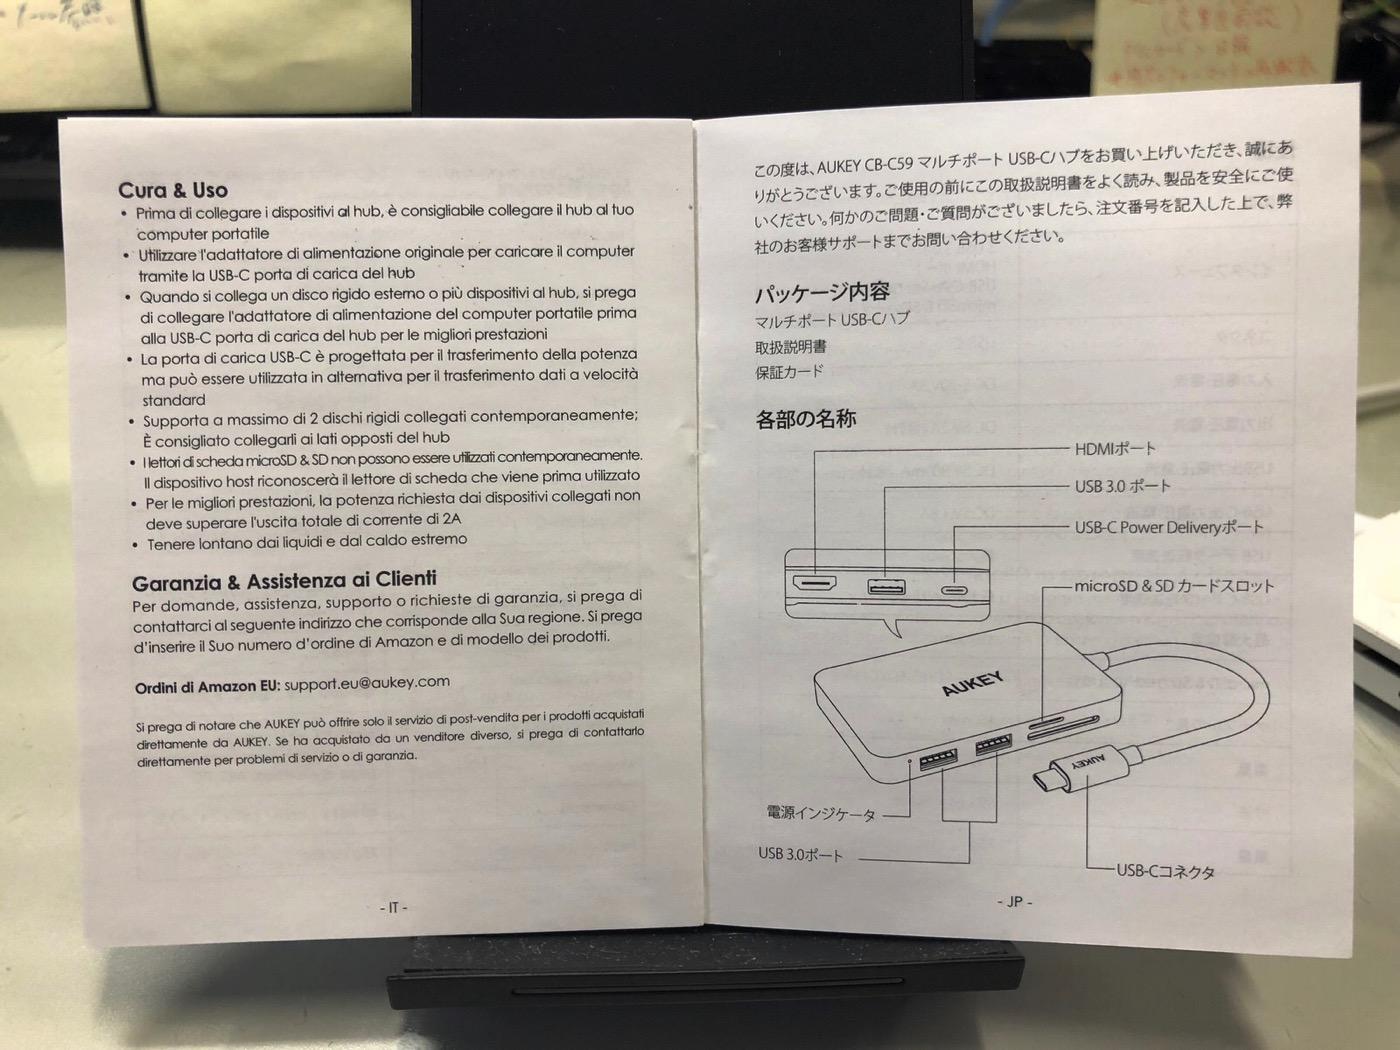 AUKEY USB C ハブ 7 in 1 マルチハブ-9